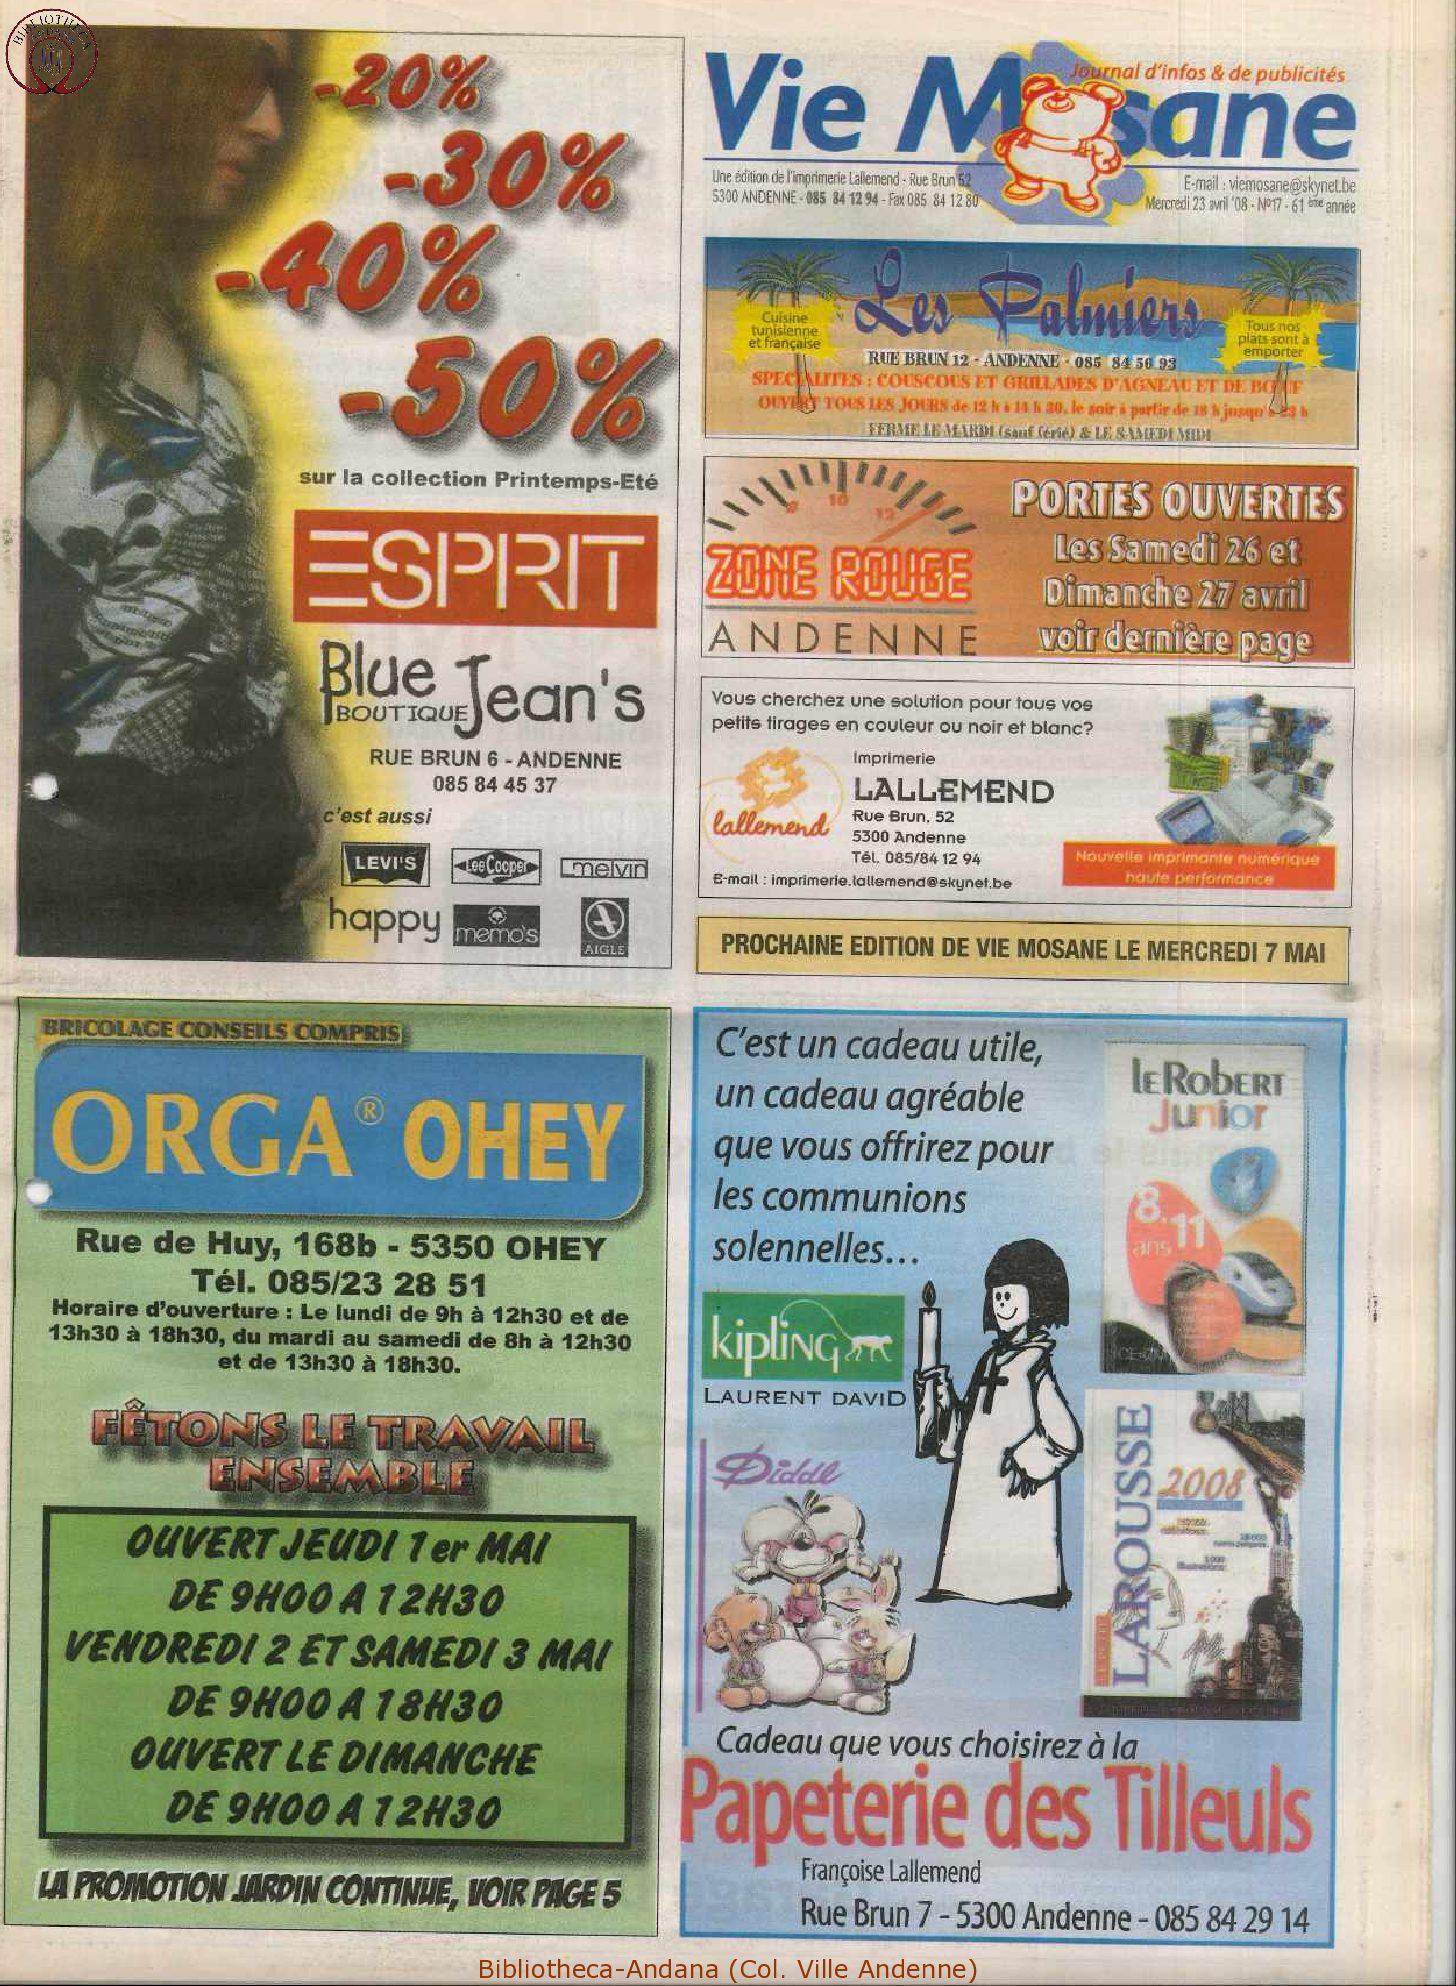 61e année - n°17 - 23 avril 2008